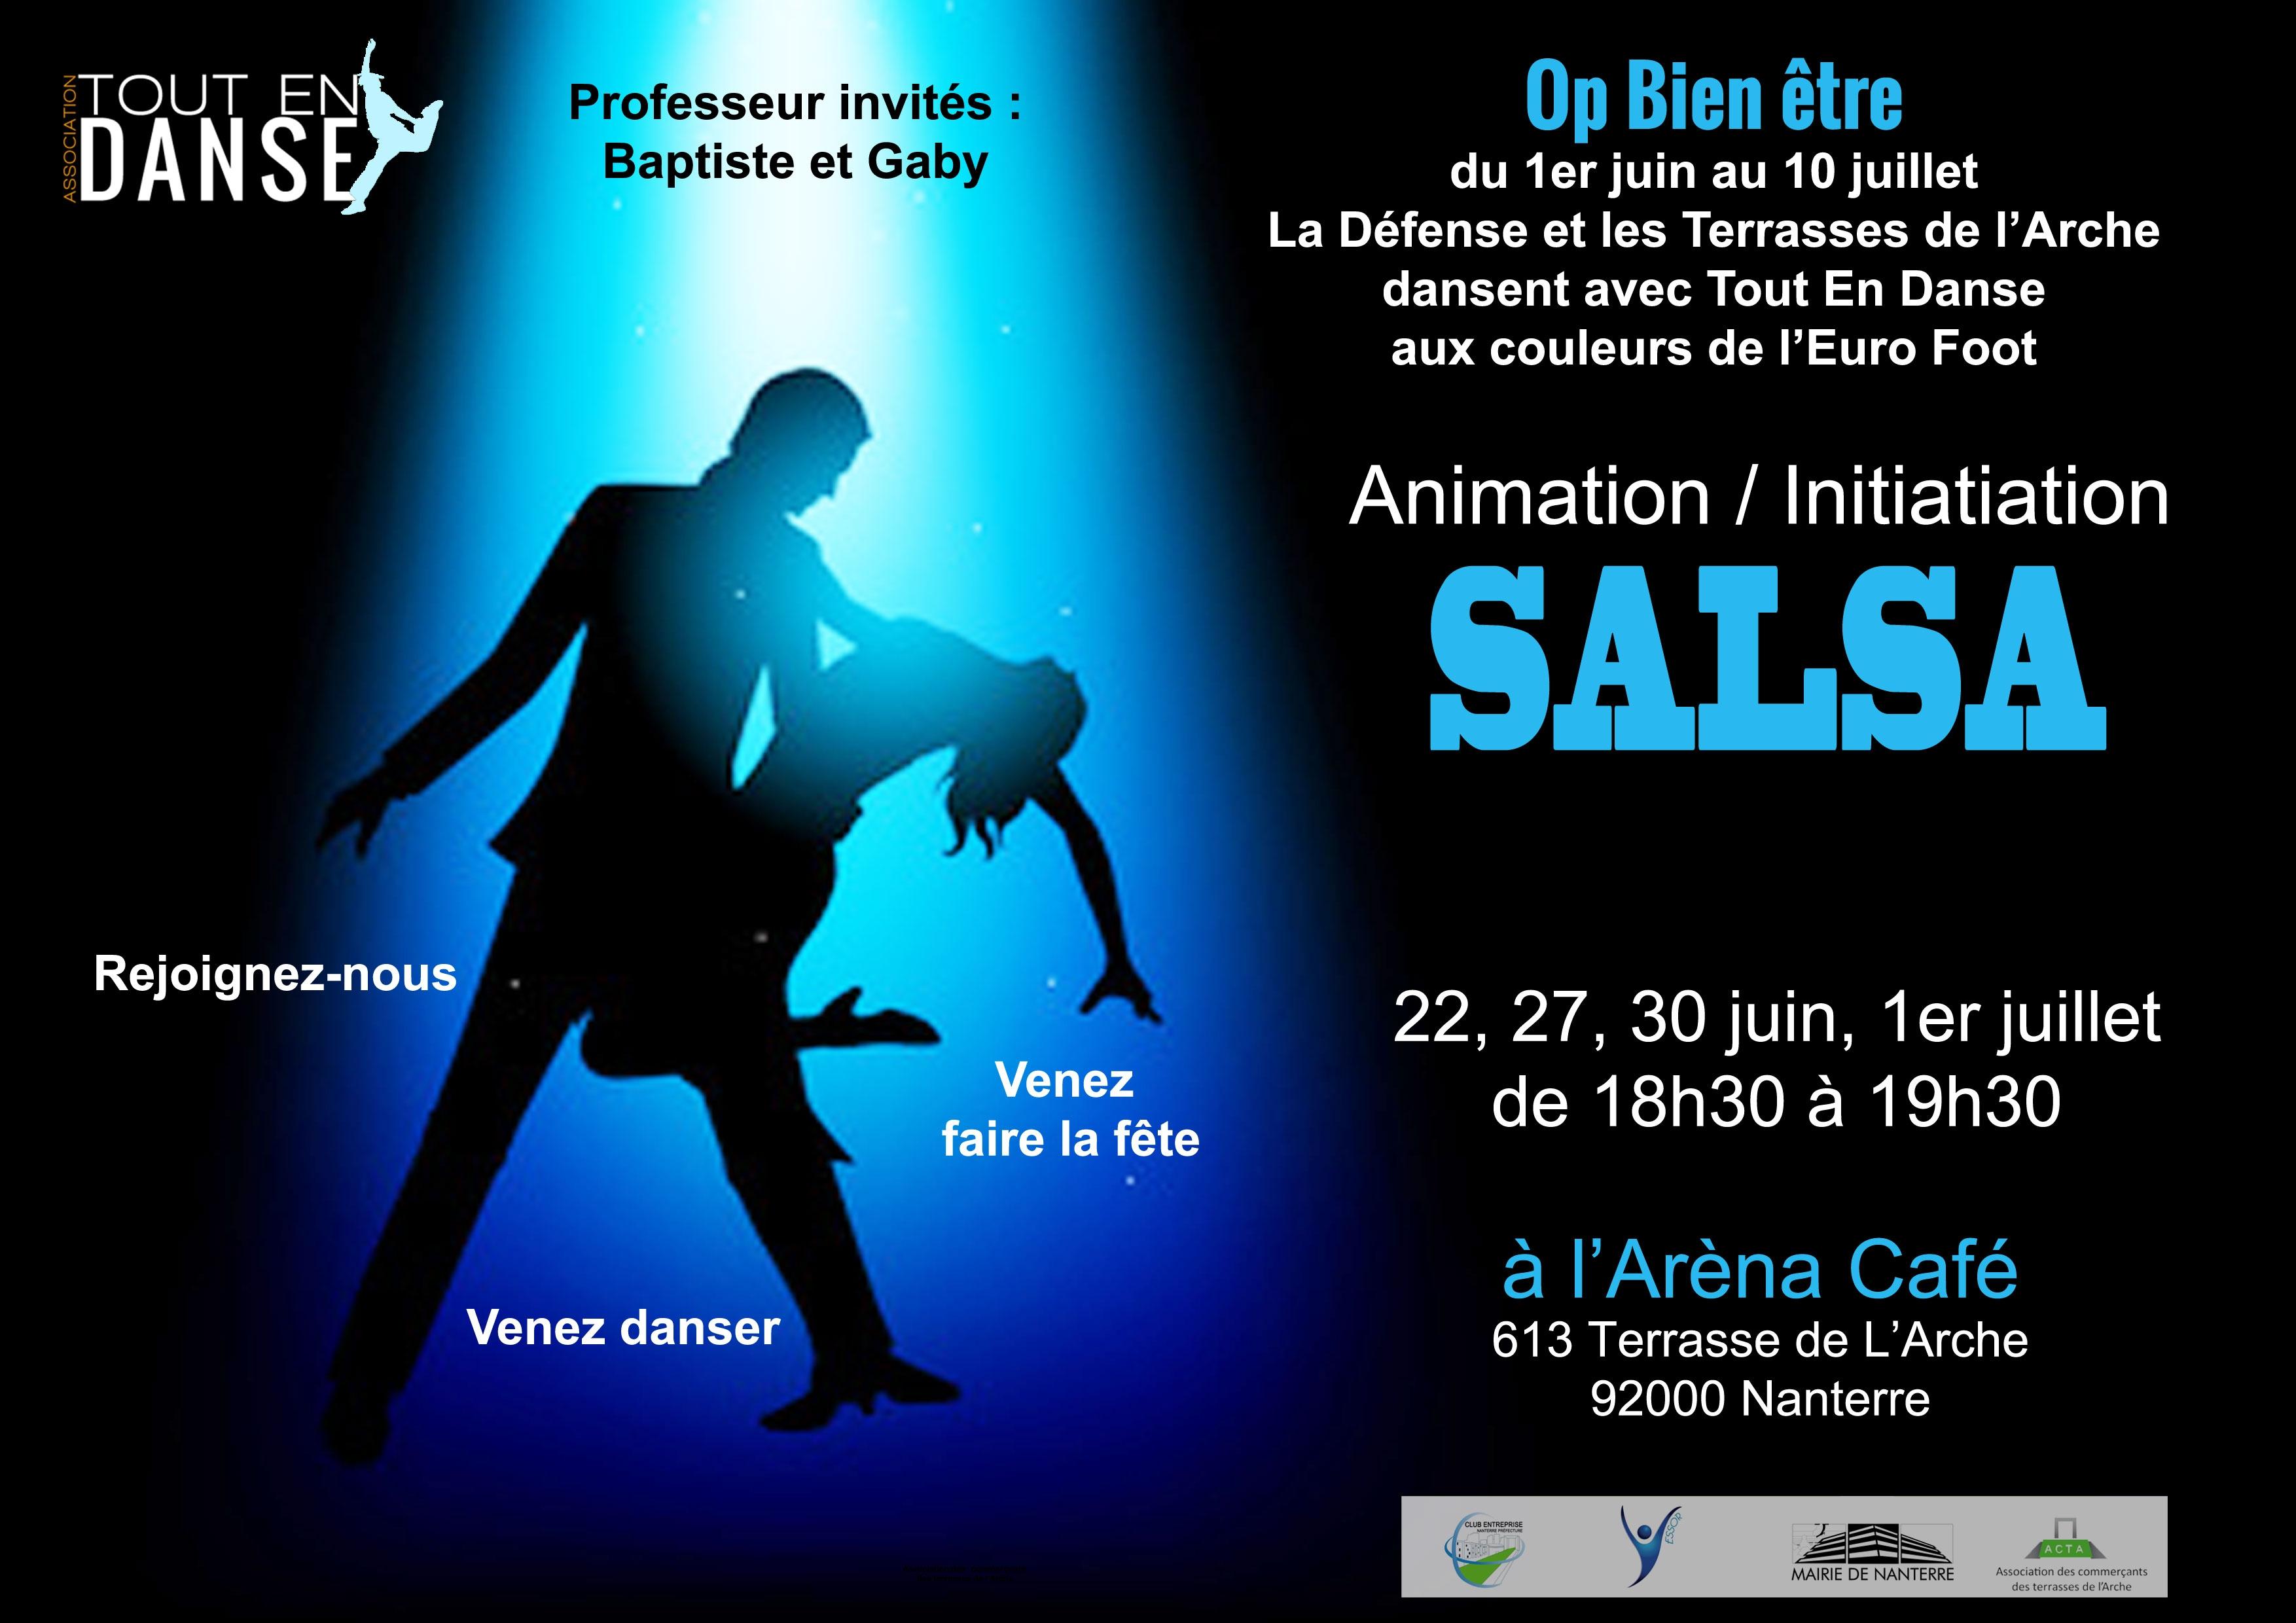 affiche-salsa-op-bien-ete.jpg